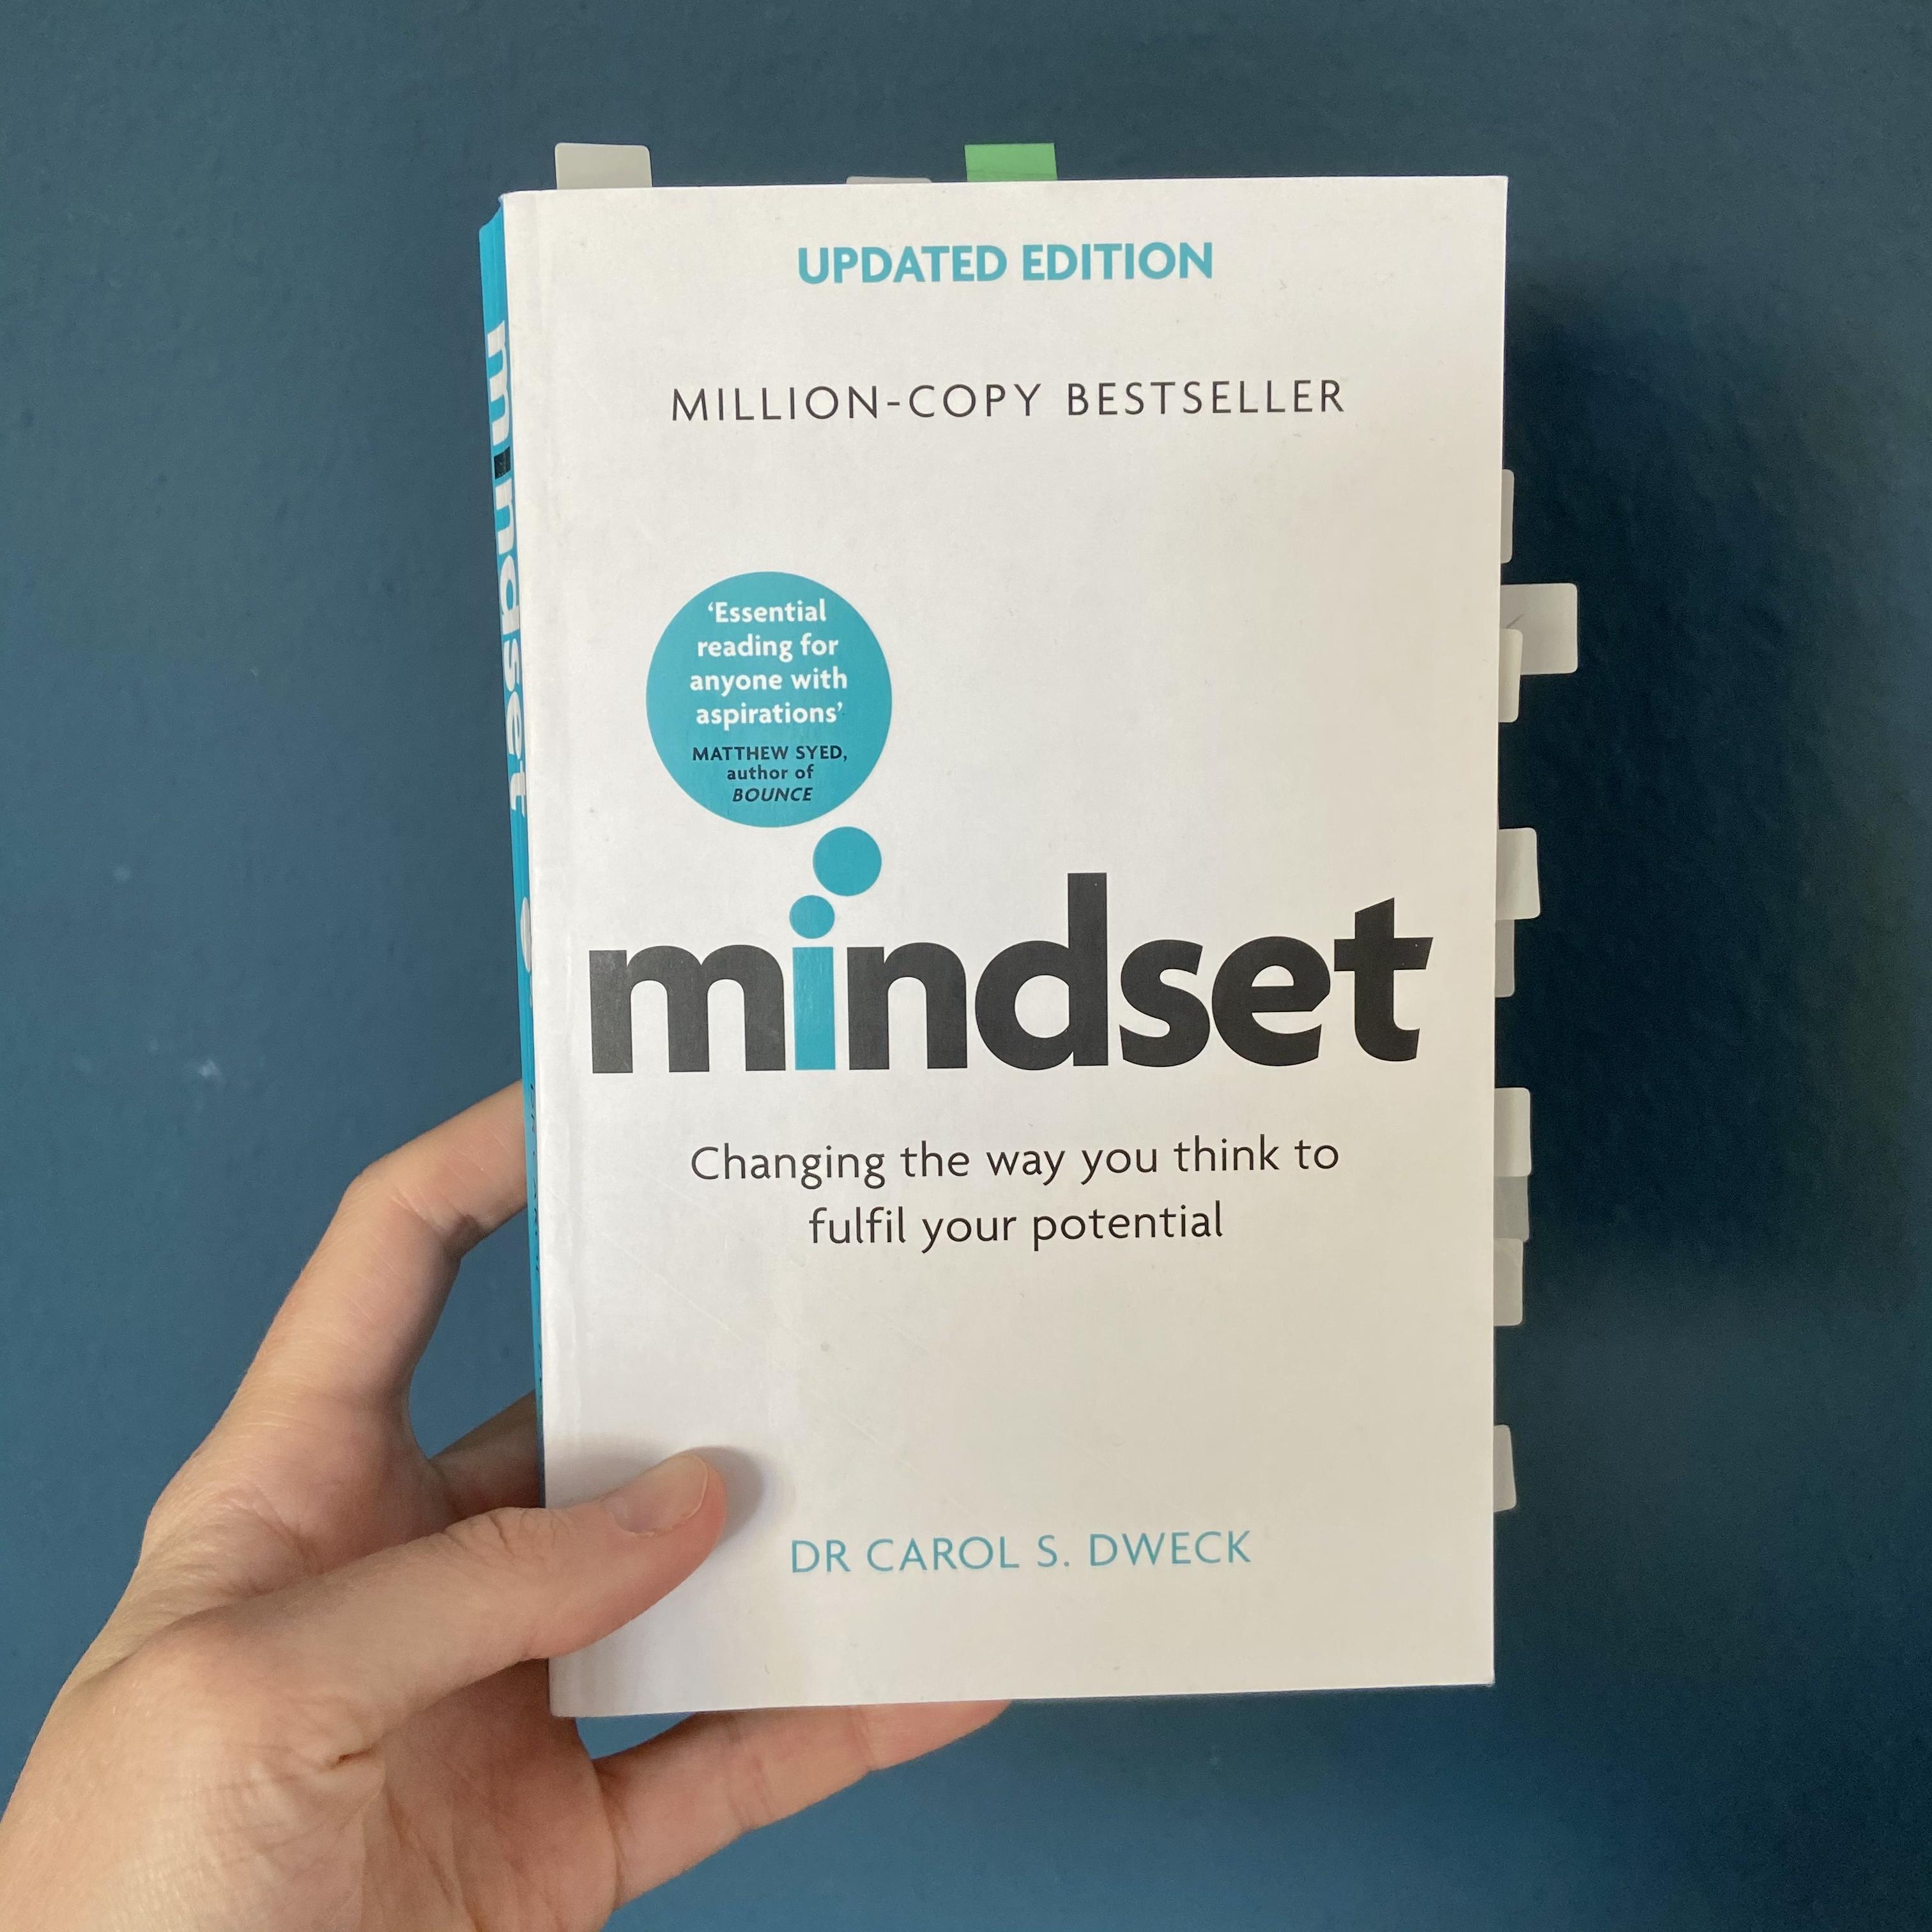 dweck-mindset-buch